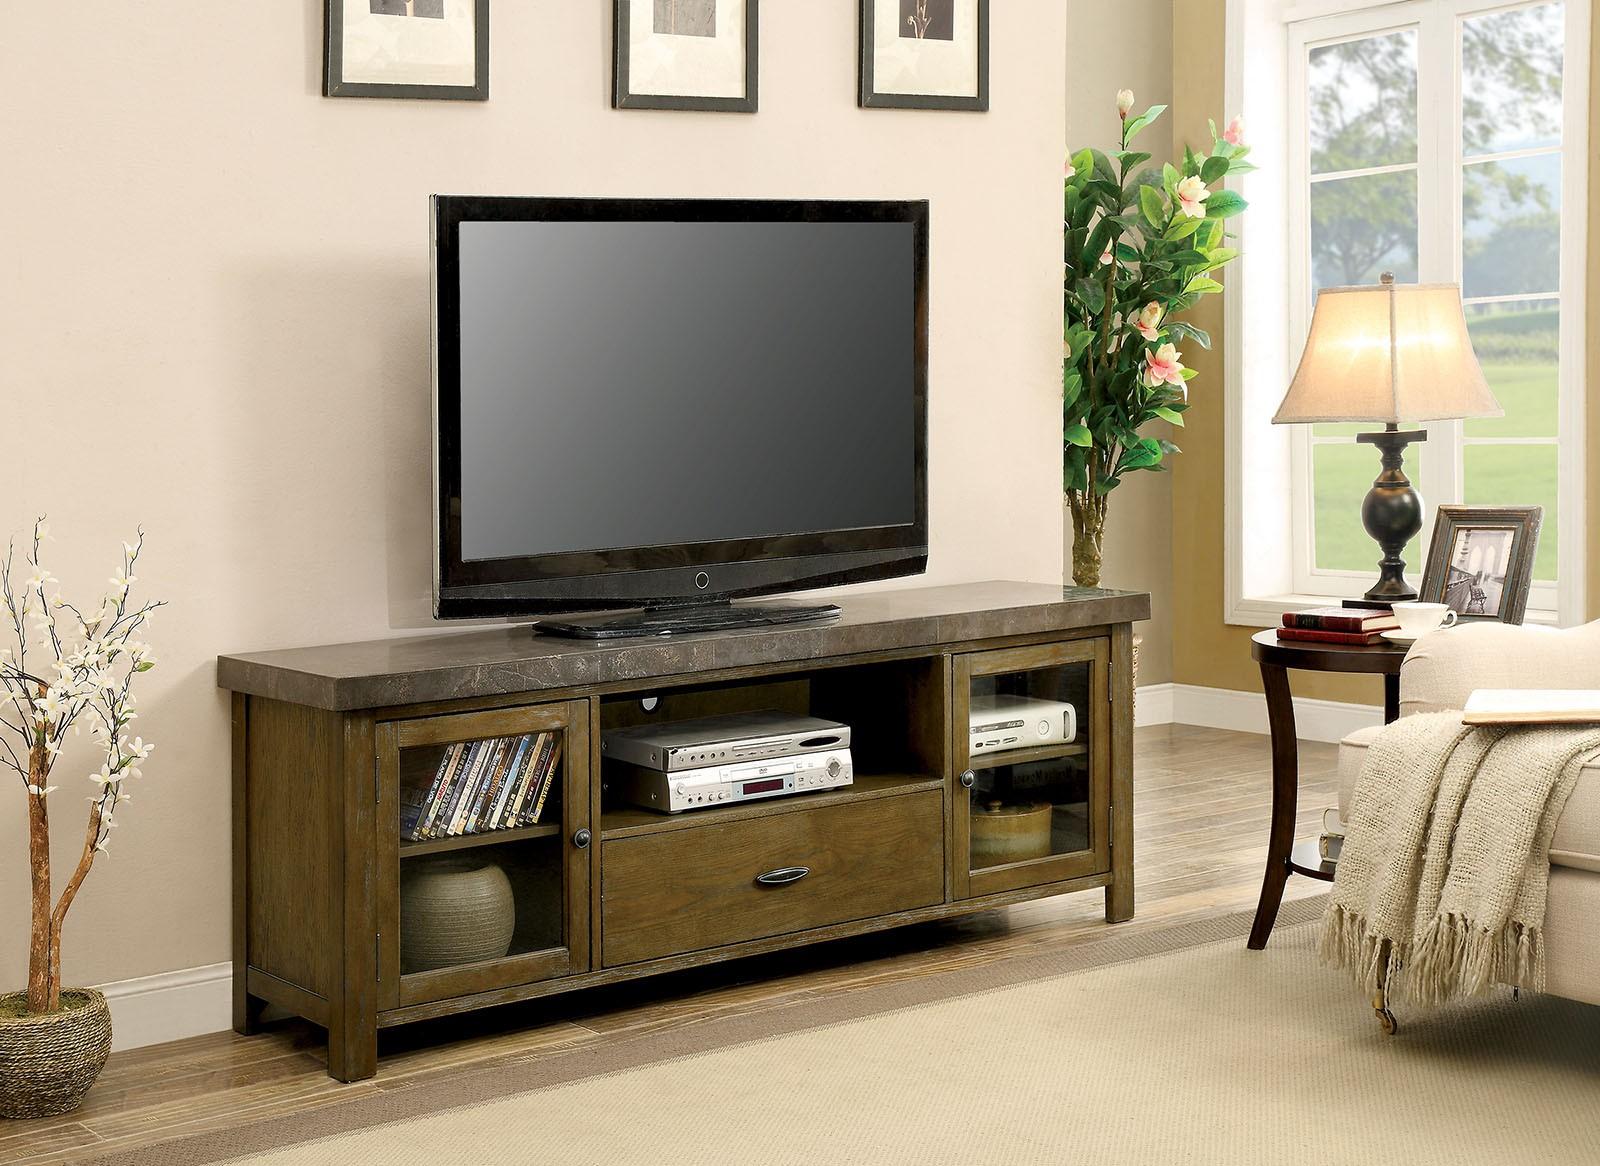 FACM5829-TV